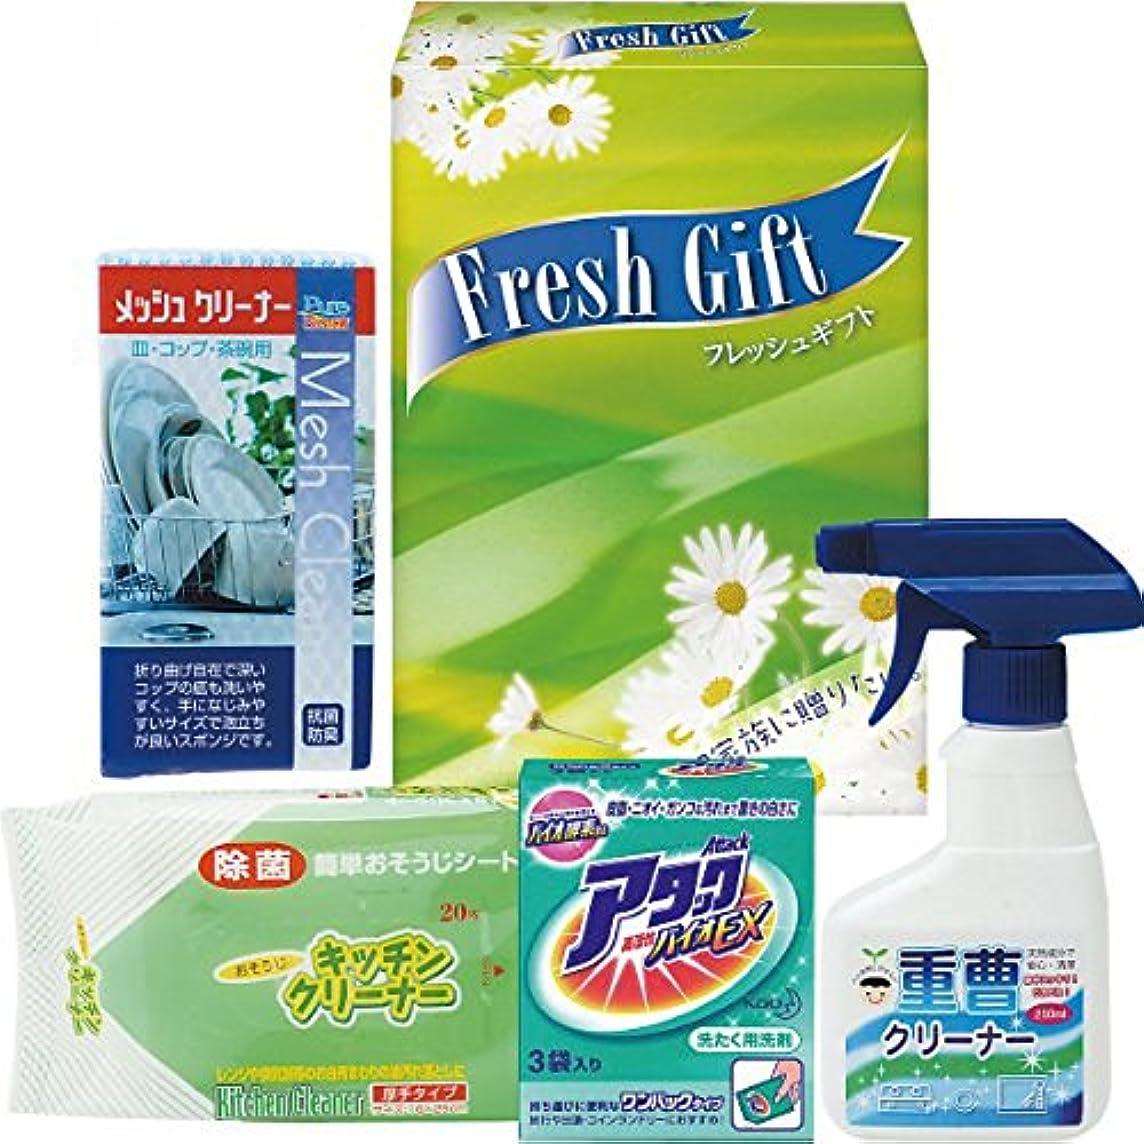 エクステントスキム口径nobrand アタック&フレッシュボックス 石鹸 (G-10R)